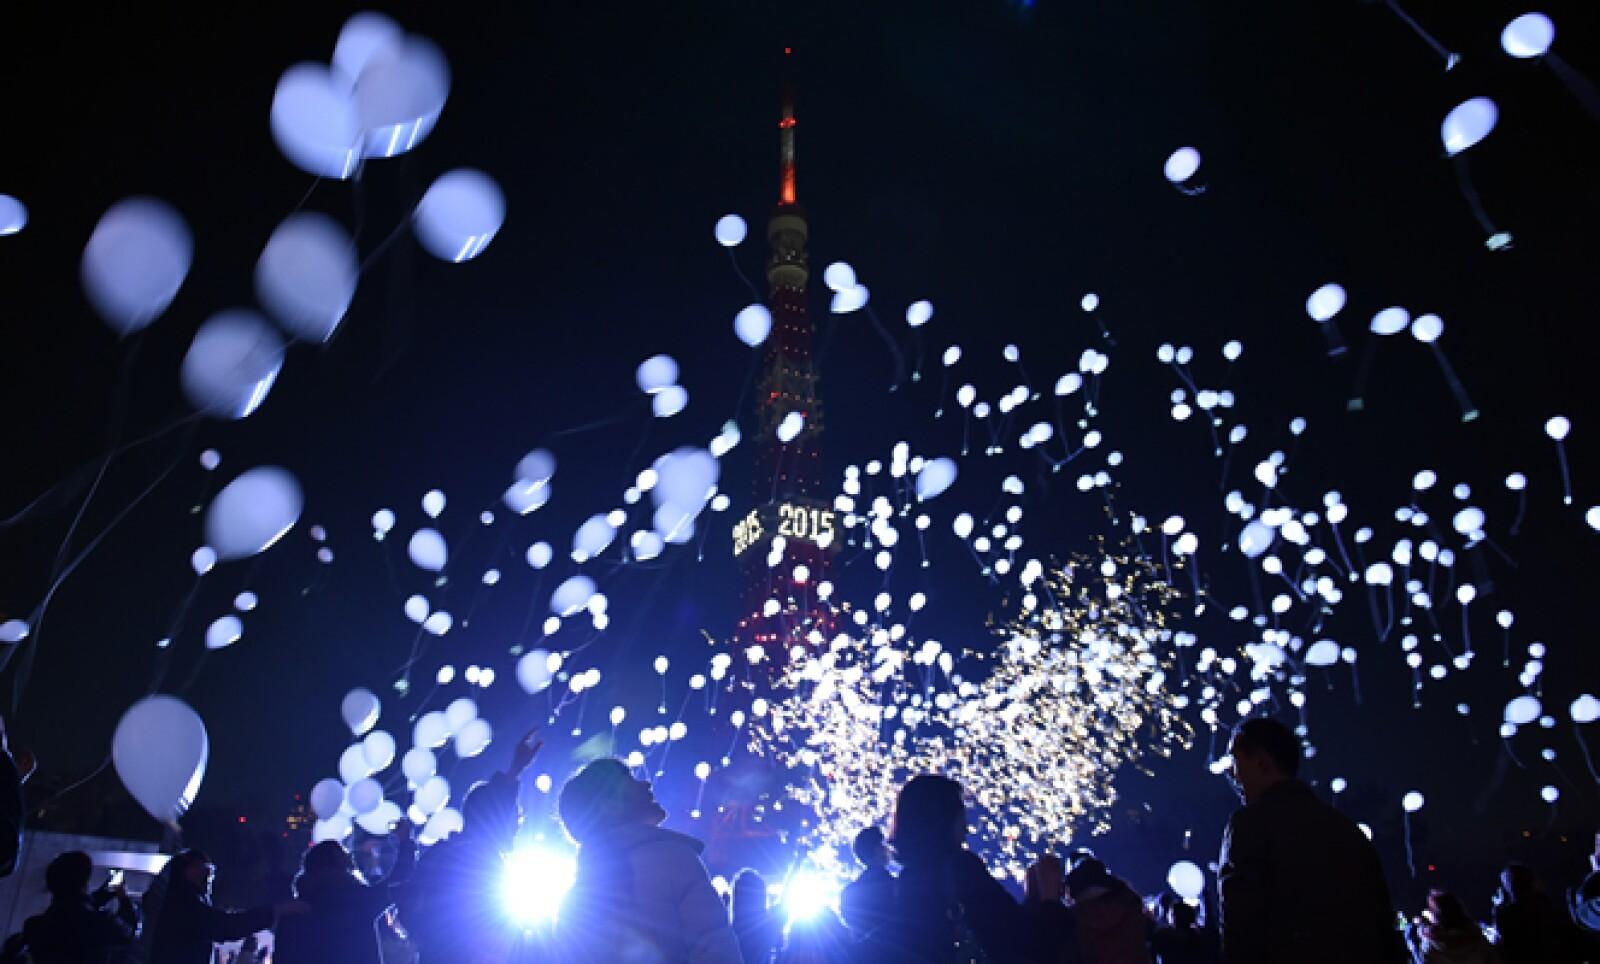 El país recibió el 2015 con rituales sintoístas, por lo que al primer segundo del año las campanas de los templos sonaron al mismo tiempo, mientras que en la Torre de Tokio fuegos artificiales y cientos de globos marcaron la fecha.